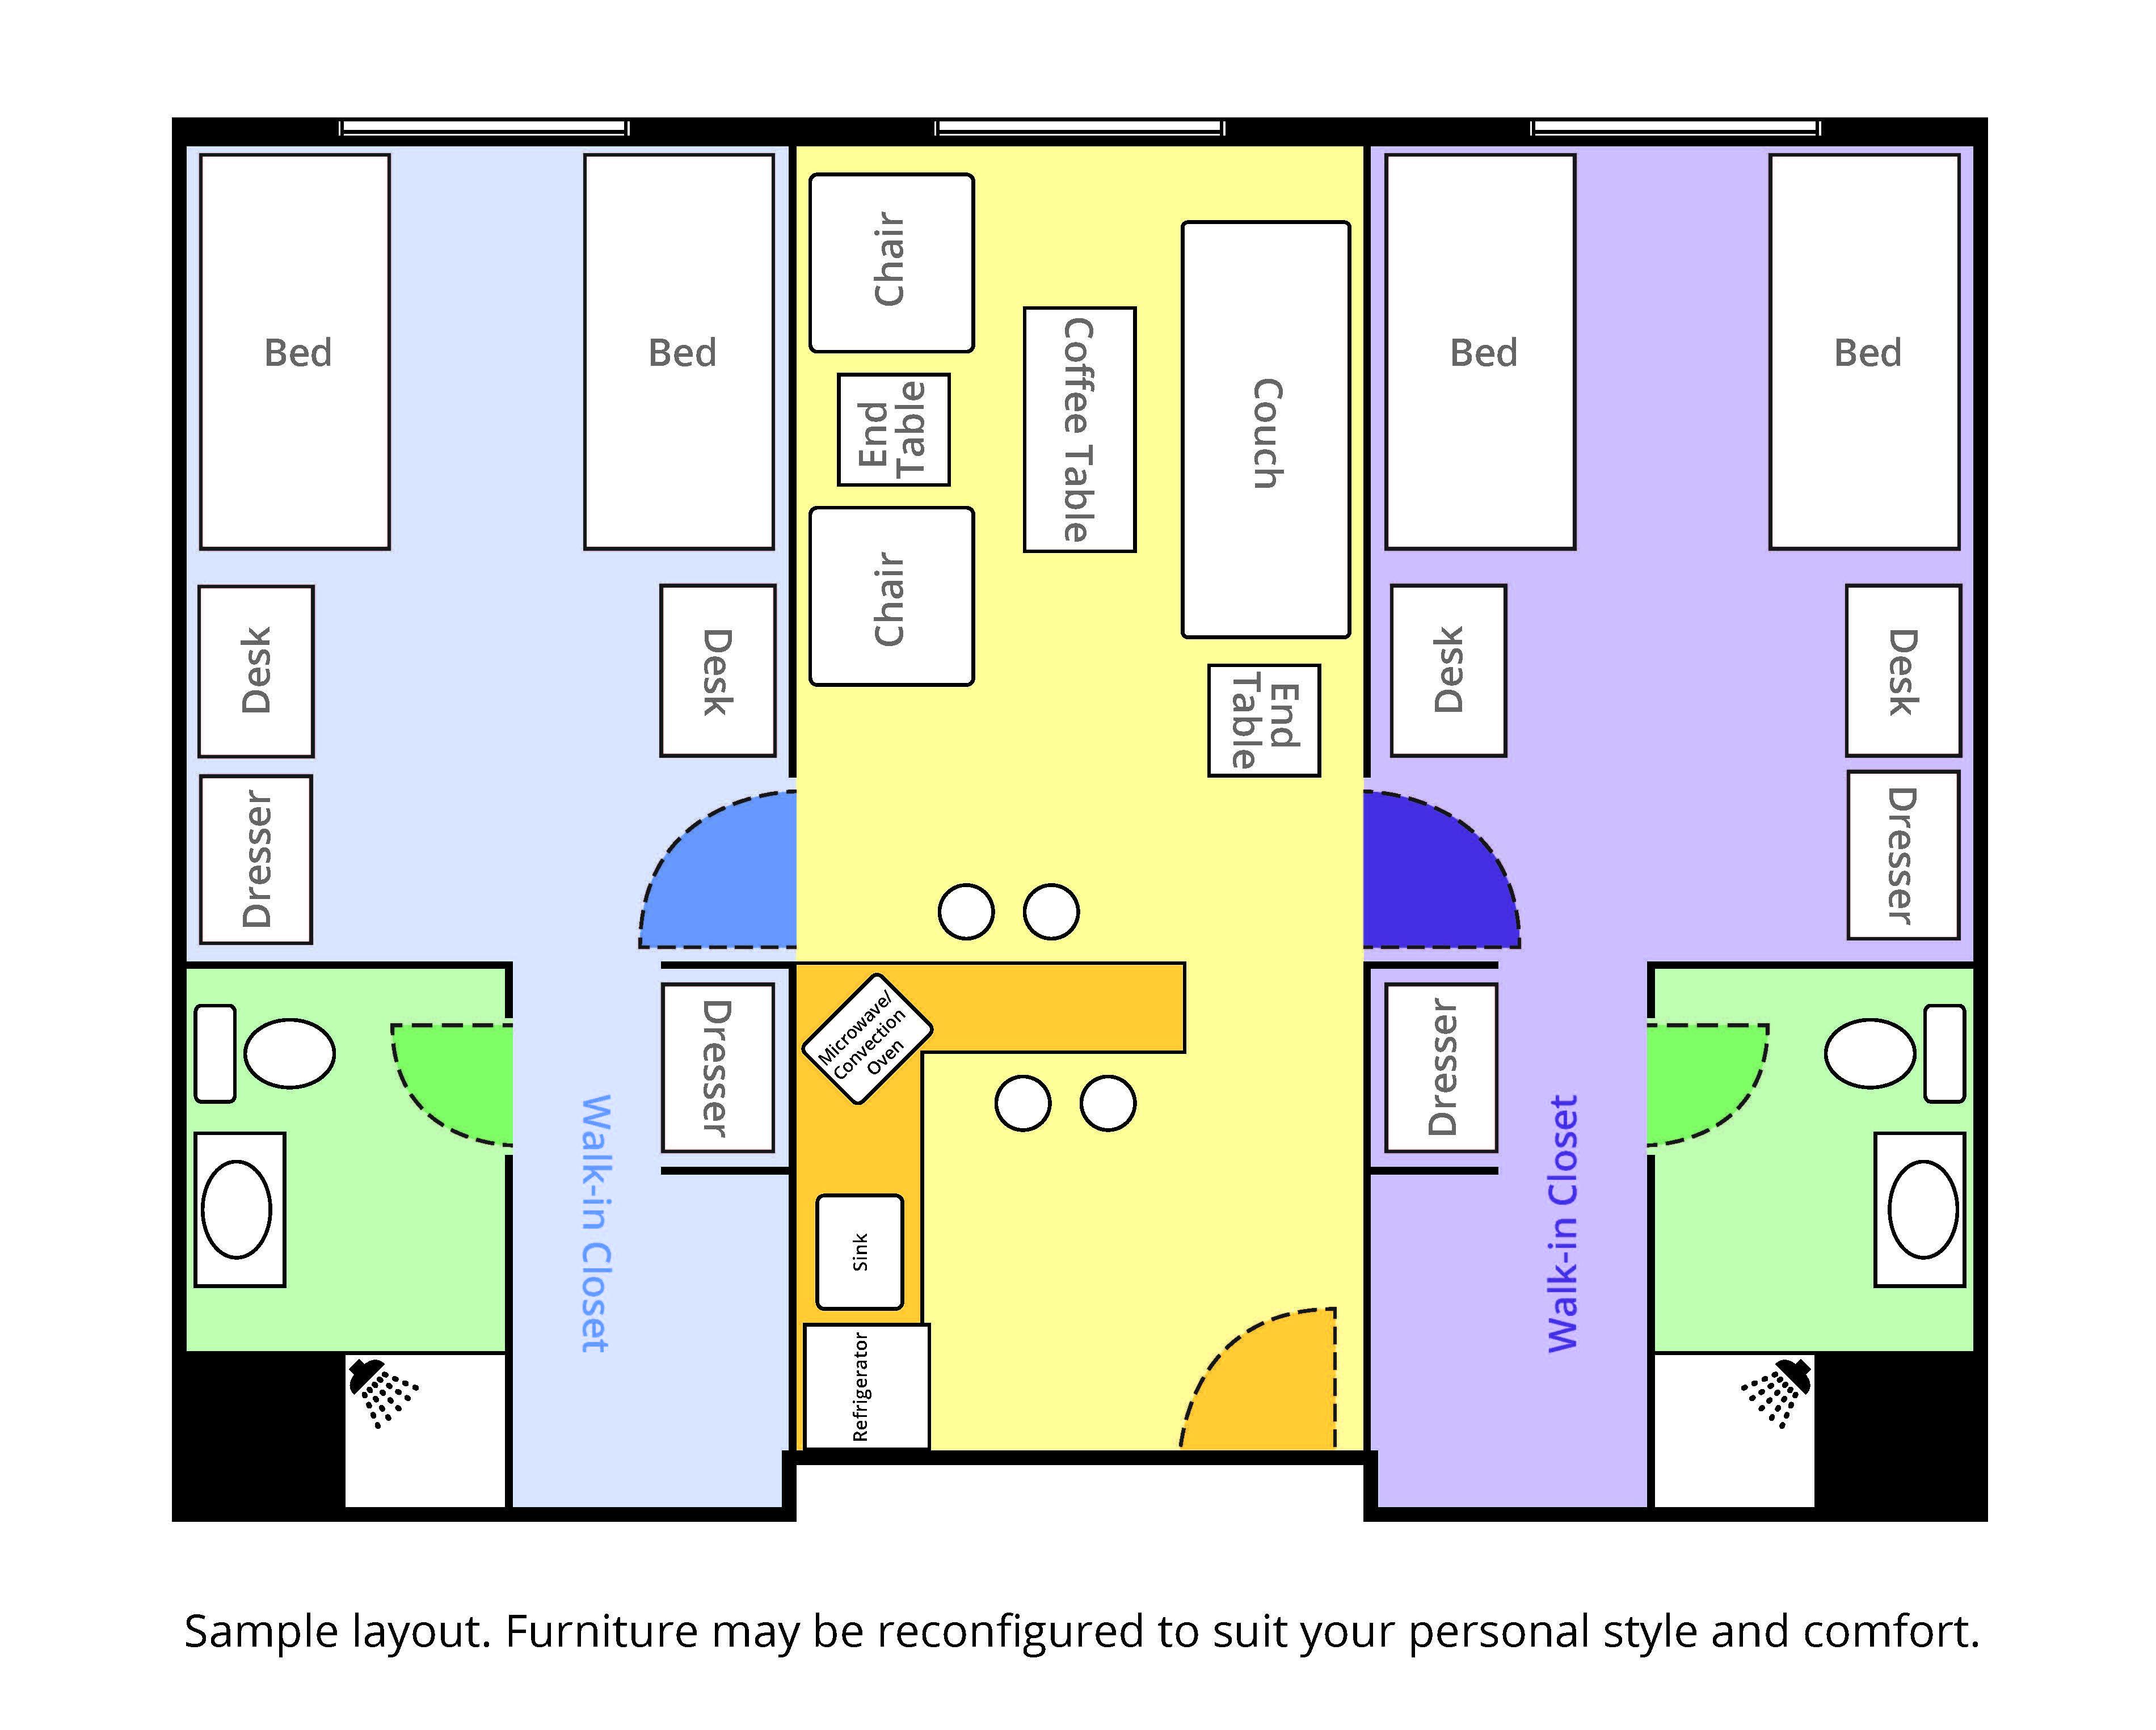 Room Layouts Raumaufteilung Raumplaner Layout Design